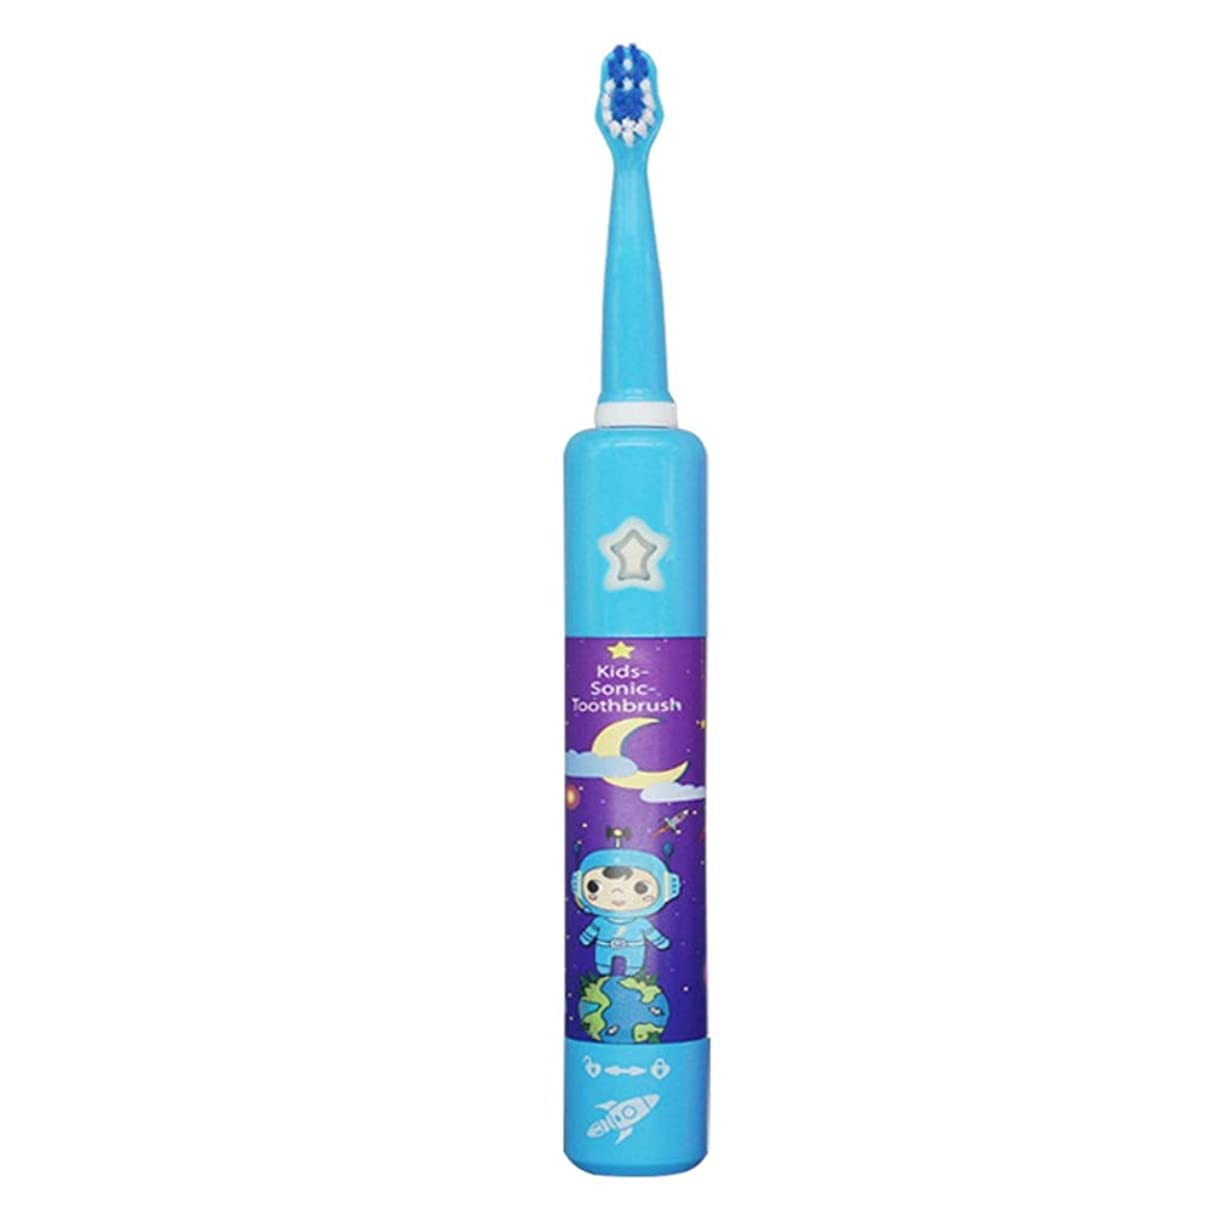 発表する蘇生する実現可能性電動歯ブラシ 子供の電気USB充電式歯ブラシかわいい柔らかい髪音楽歯ブラシホルダーと1つの交換用ヘッド (色 : 青, サイズ : Free size)